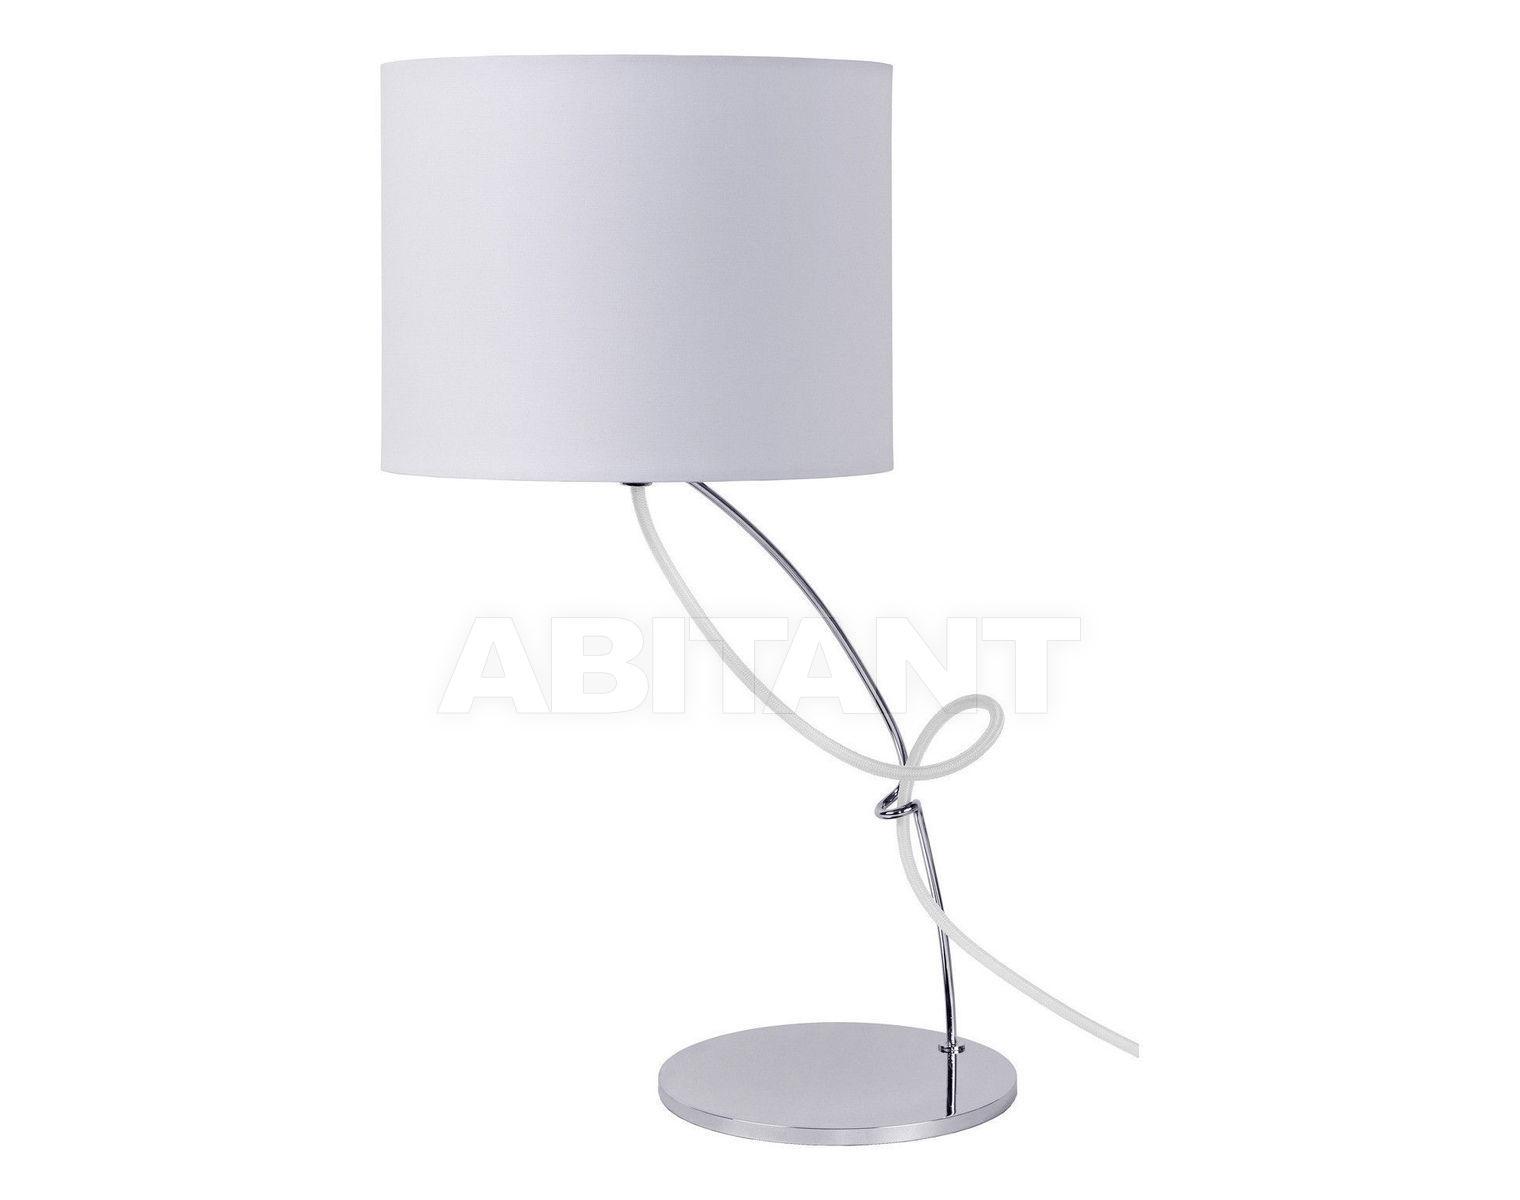 Купить Лампа настольная SWING Lucide  Floor & Table Lamps 17558/81/31